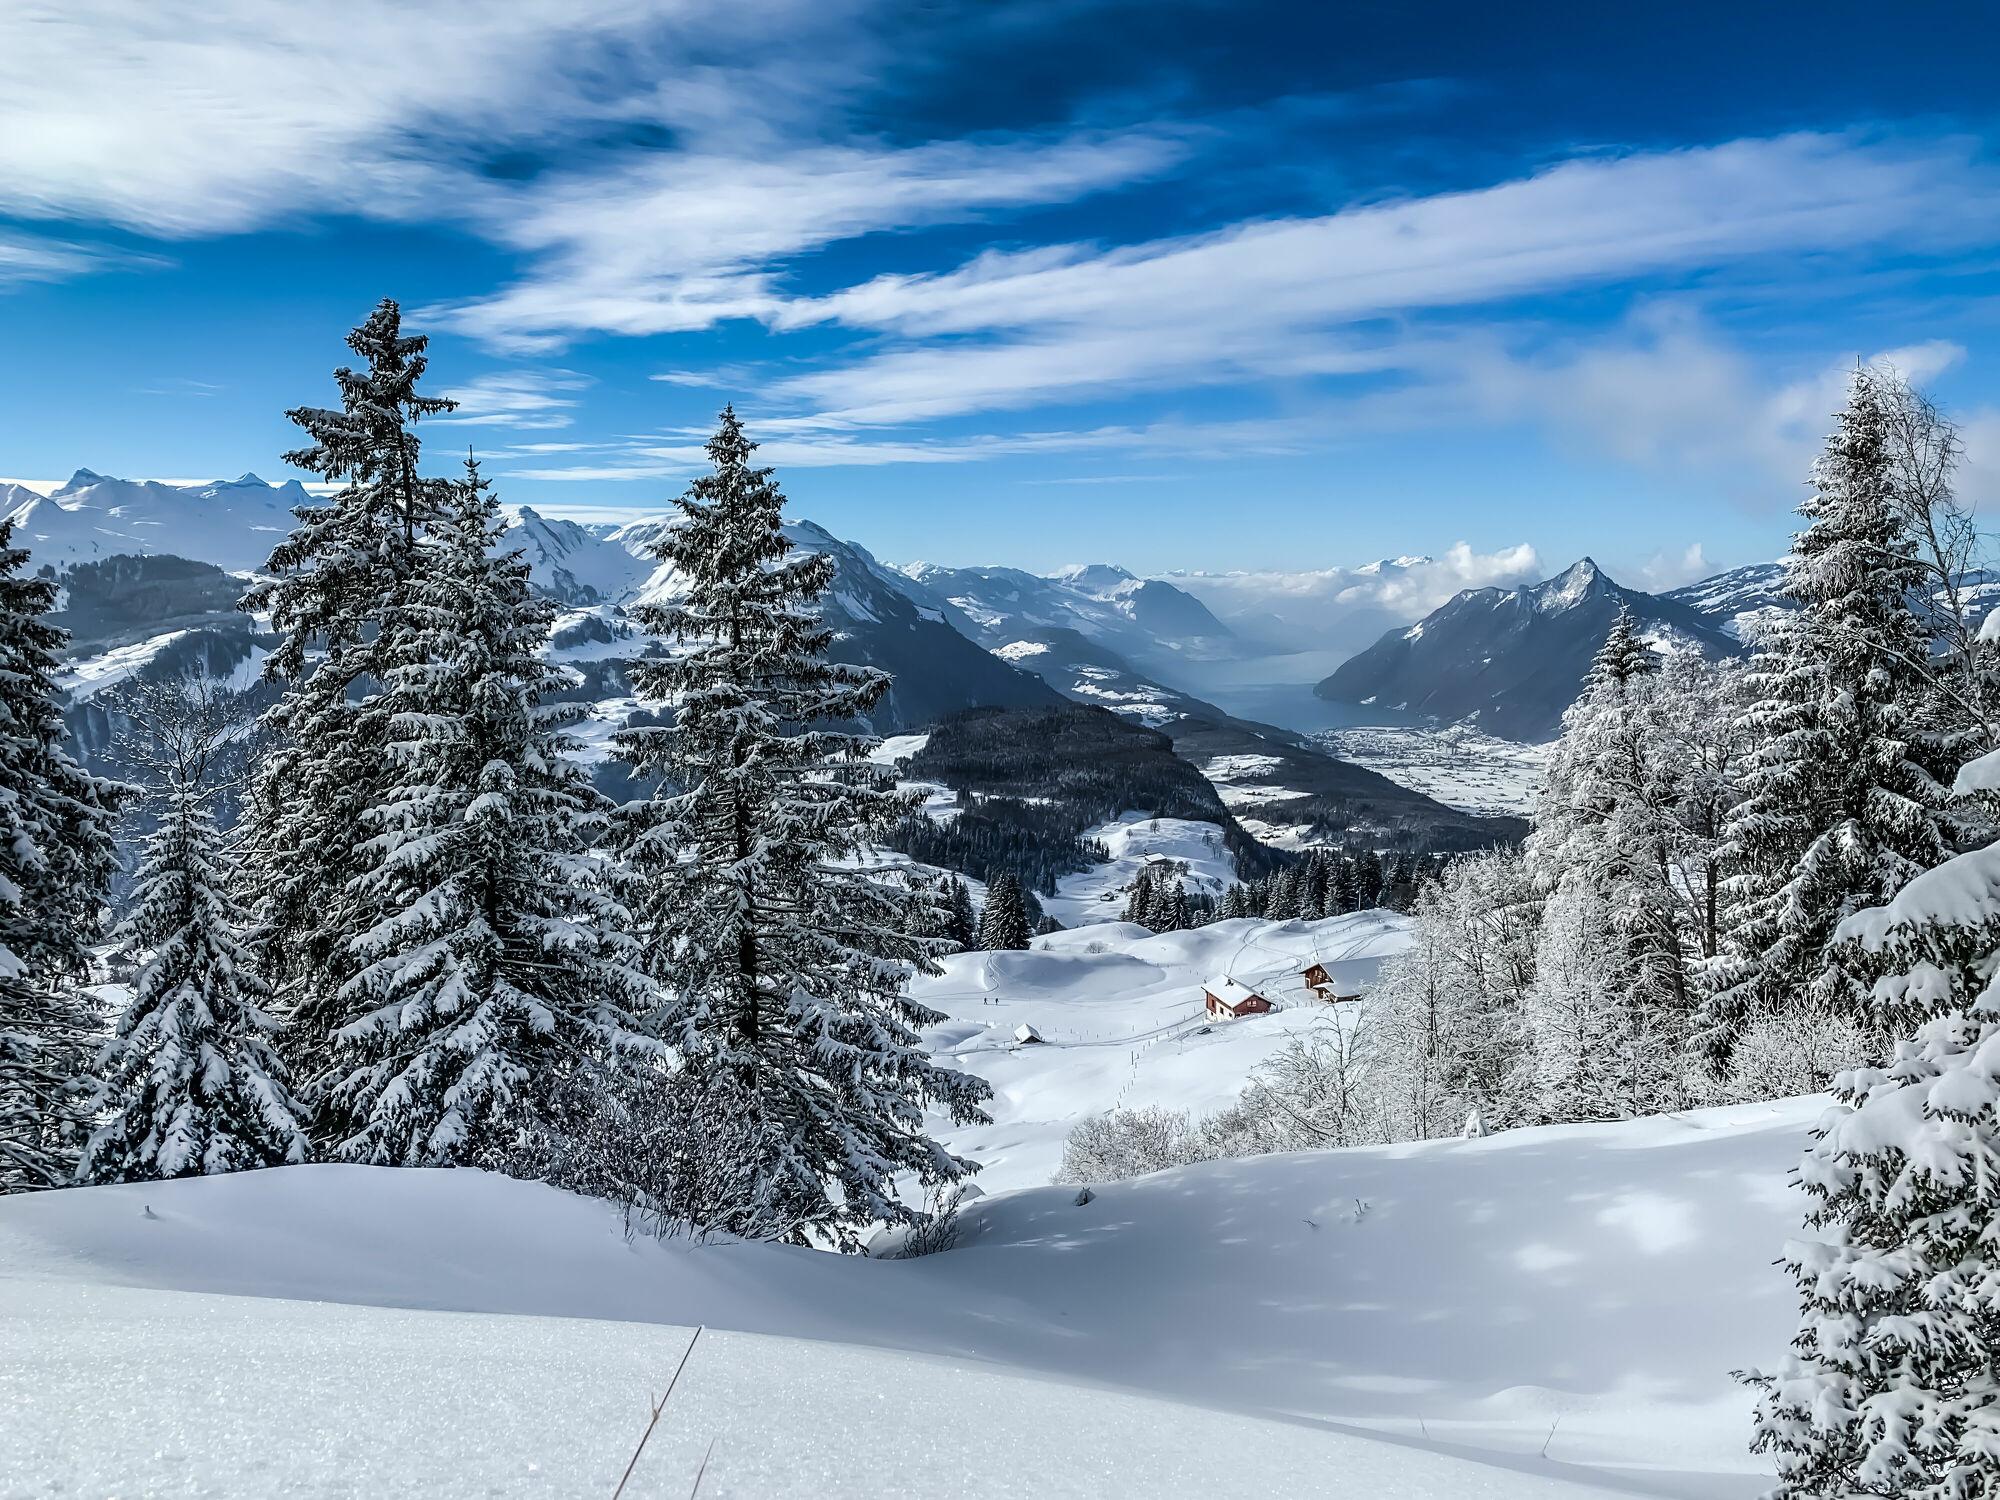 Bild mit Landschaften, Schnee, Landschaftspanorama, Winterlandschaften